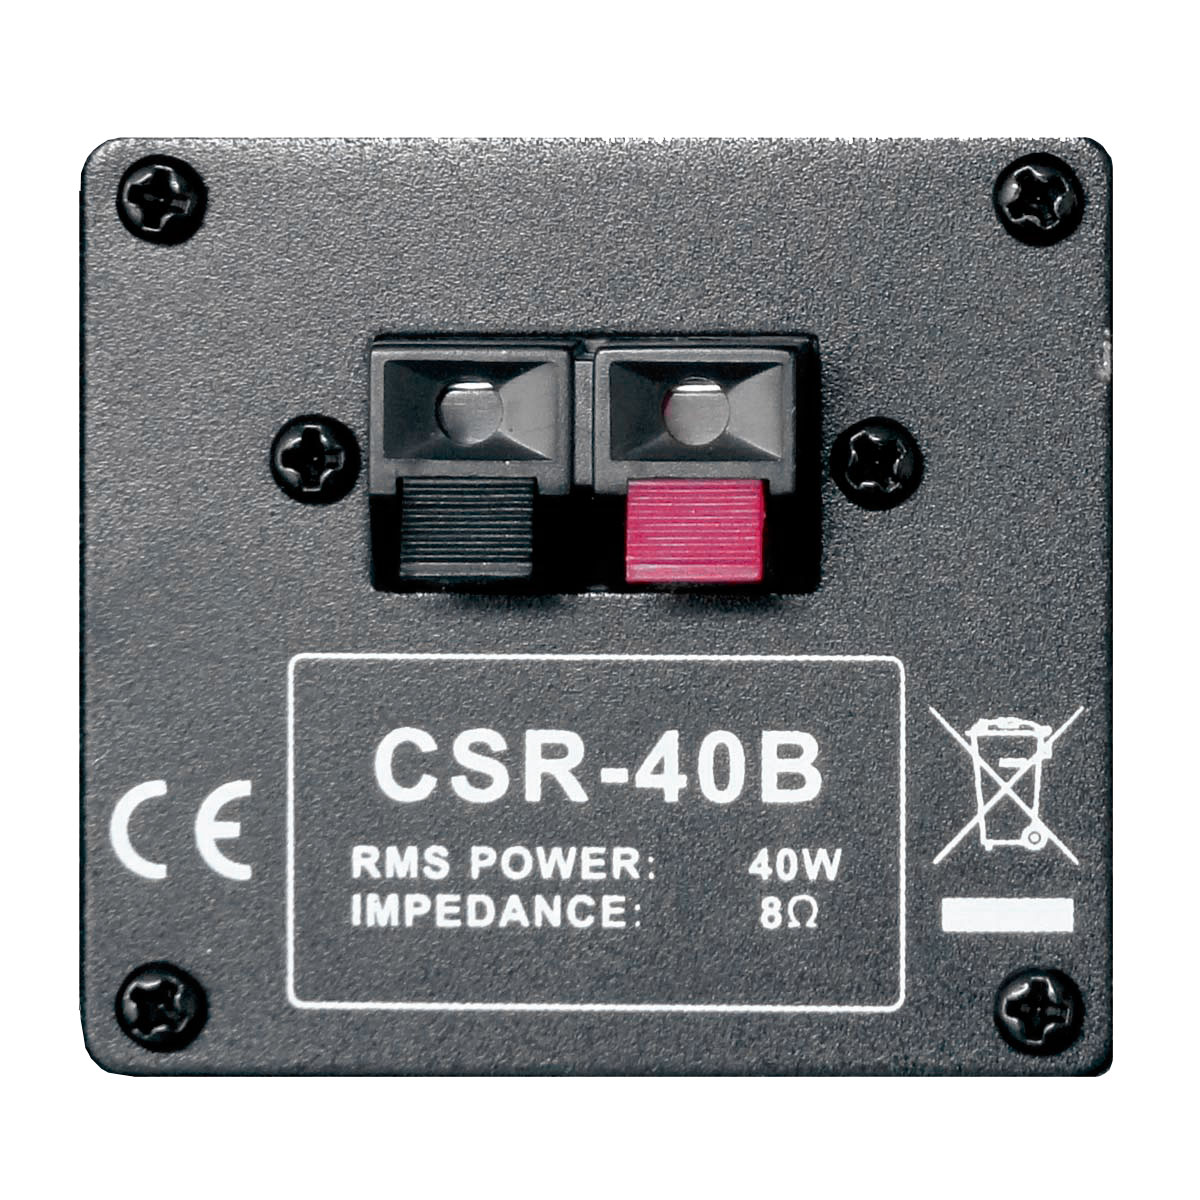 Caixa Passiva p/ Som Ambiente Fal 4 Pol 40W c/ Suporte (Par) - 40 B CSR